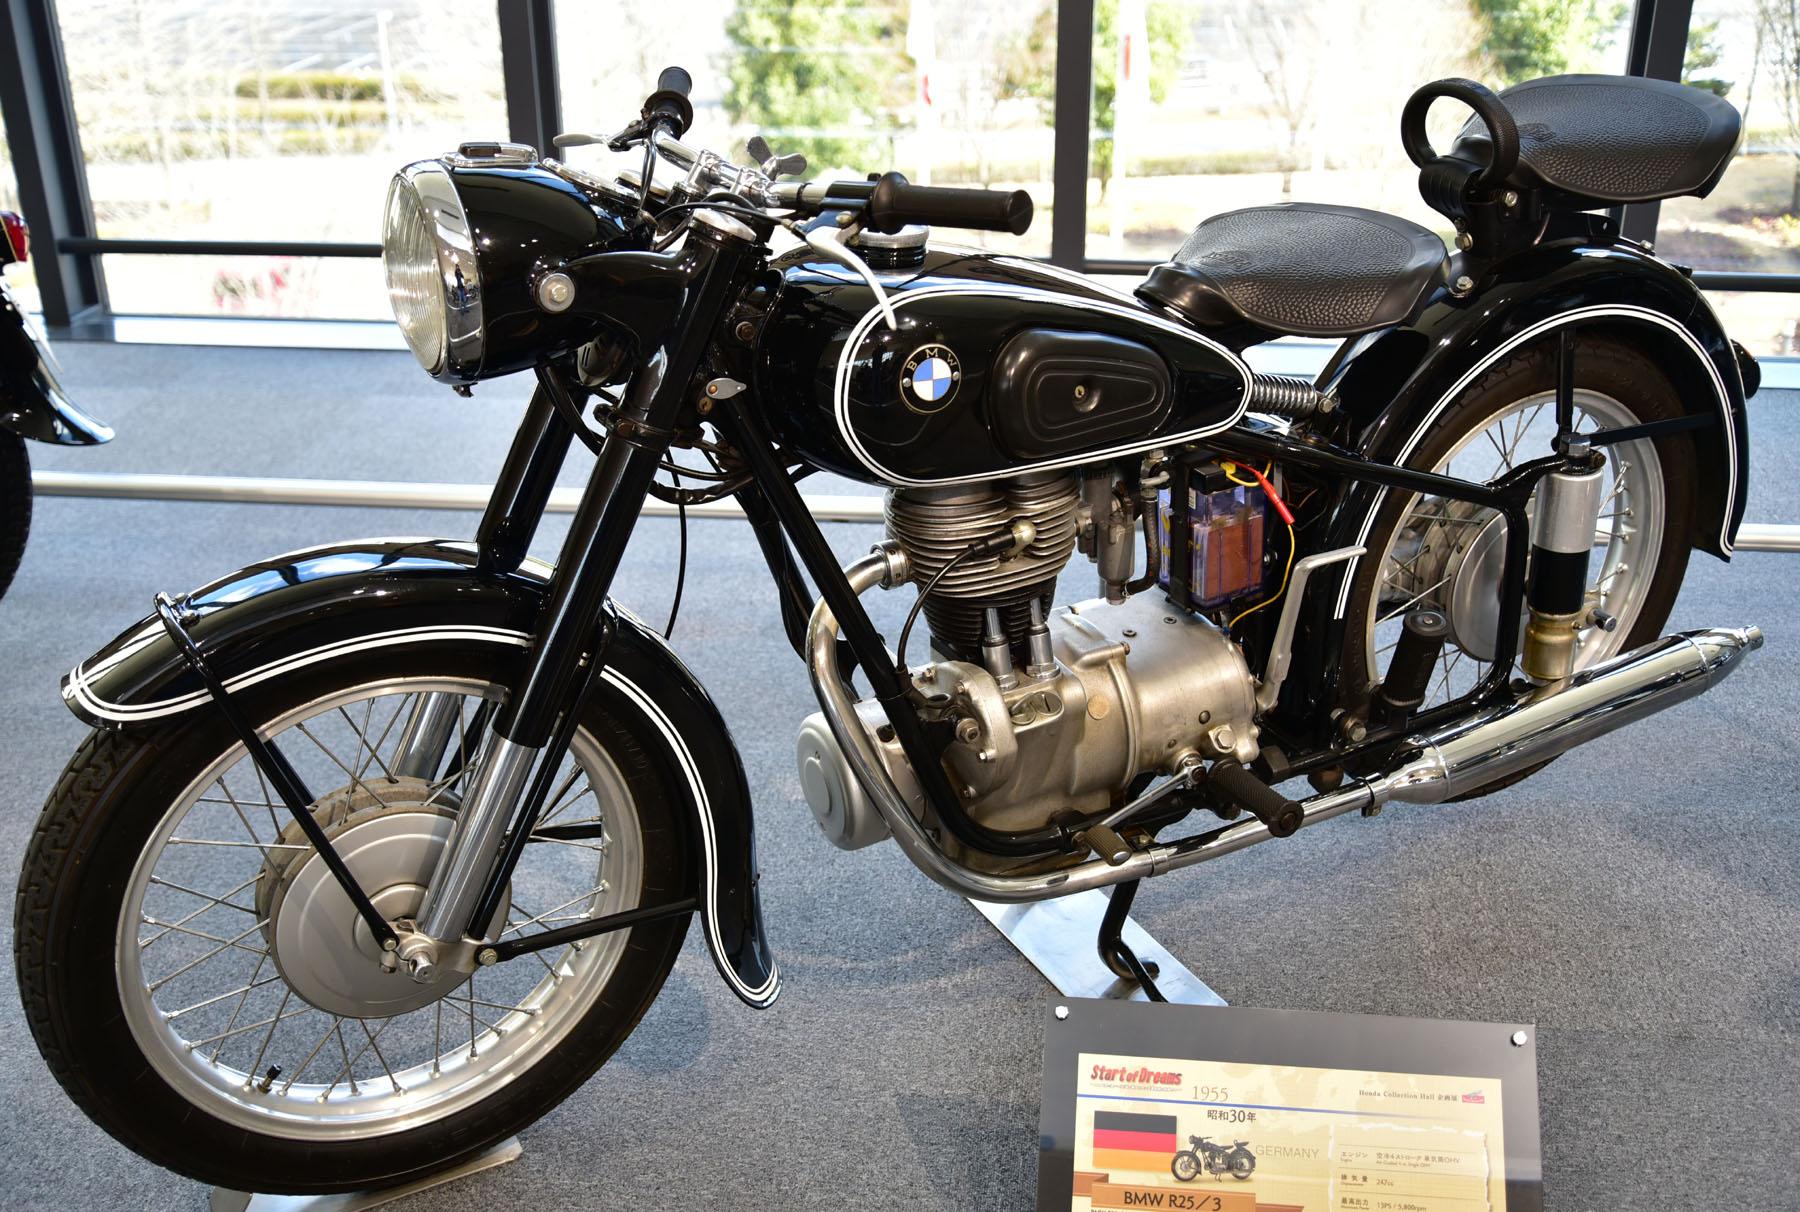 Build A Bmw >> File:BMW R25-3.jpg - Wikimedia Commons